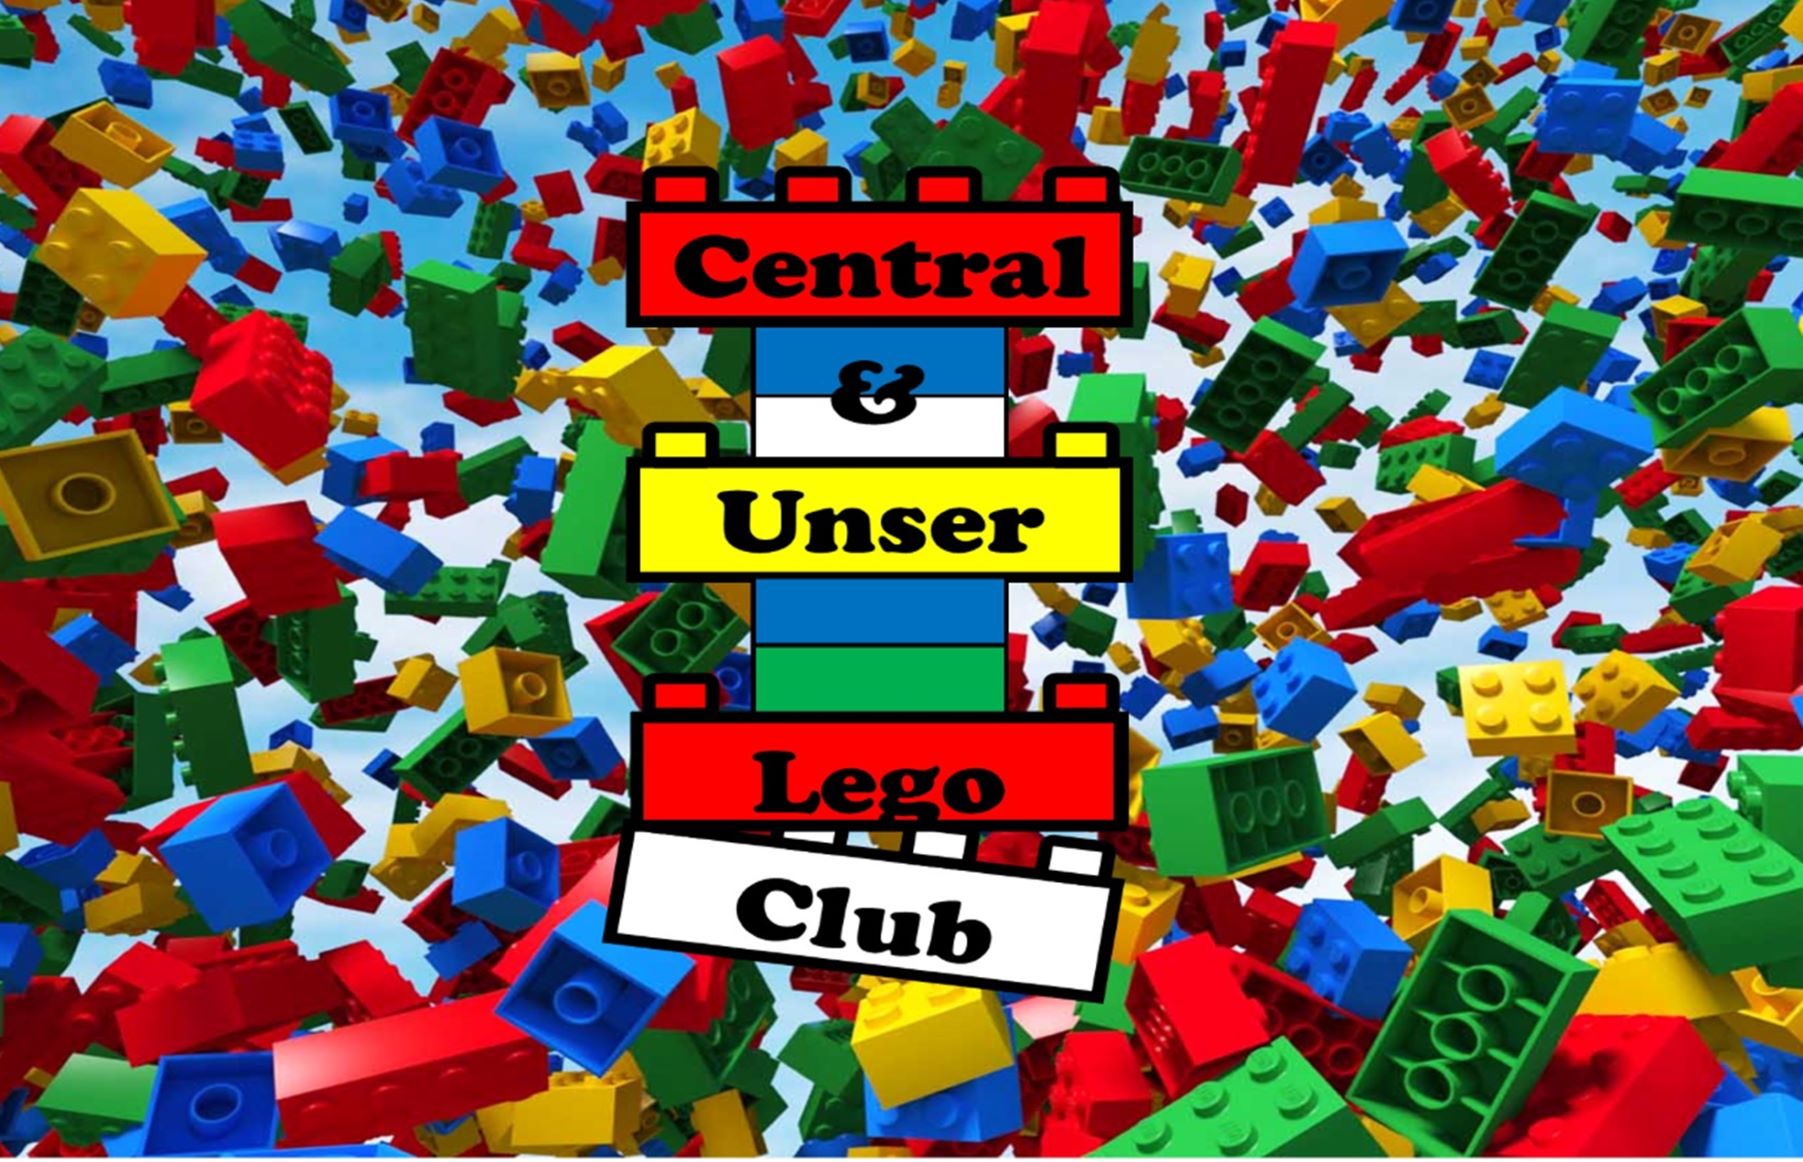 CU Lego Club